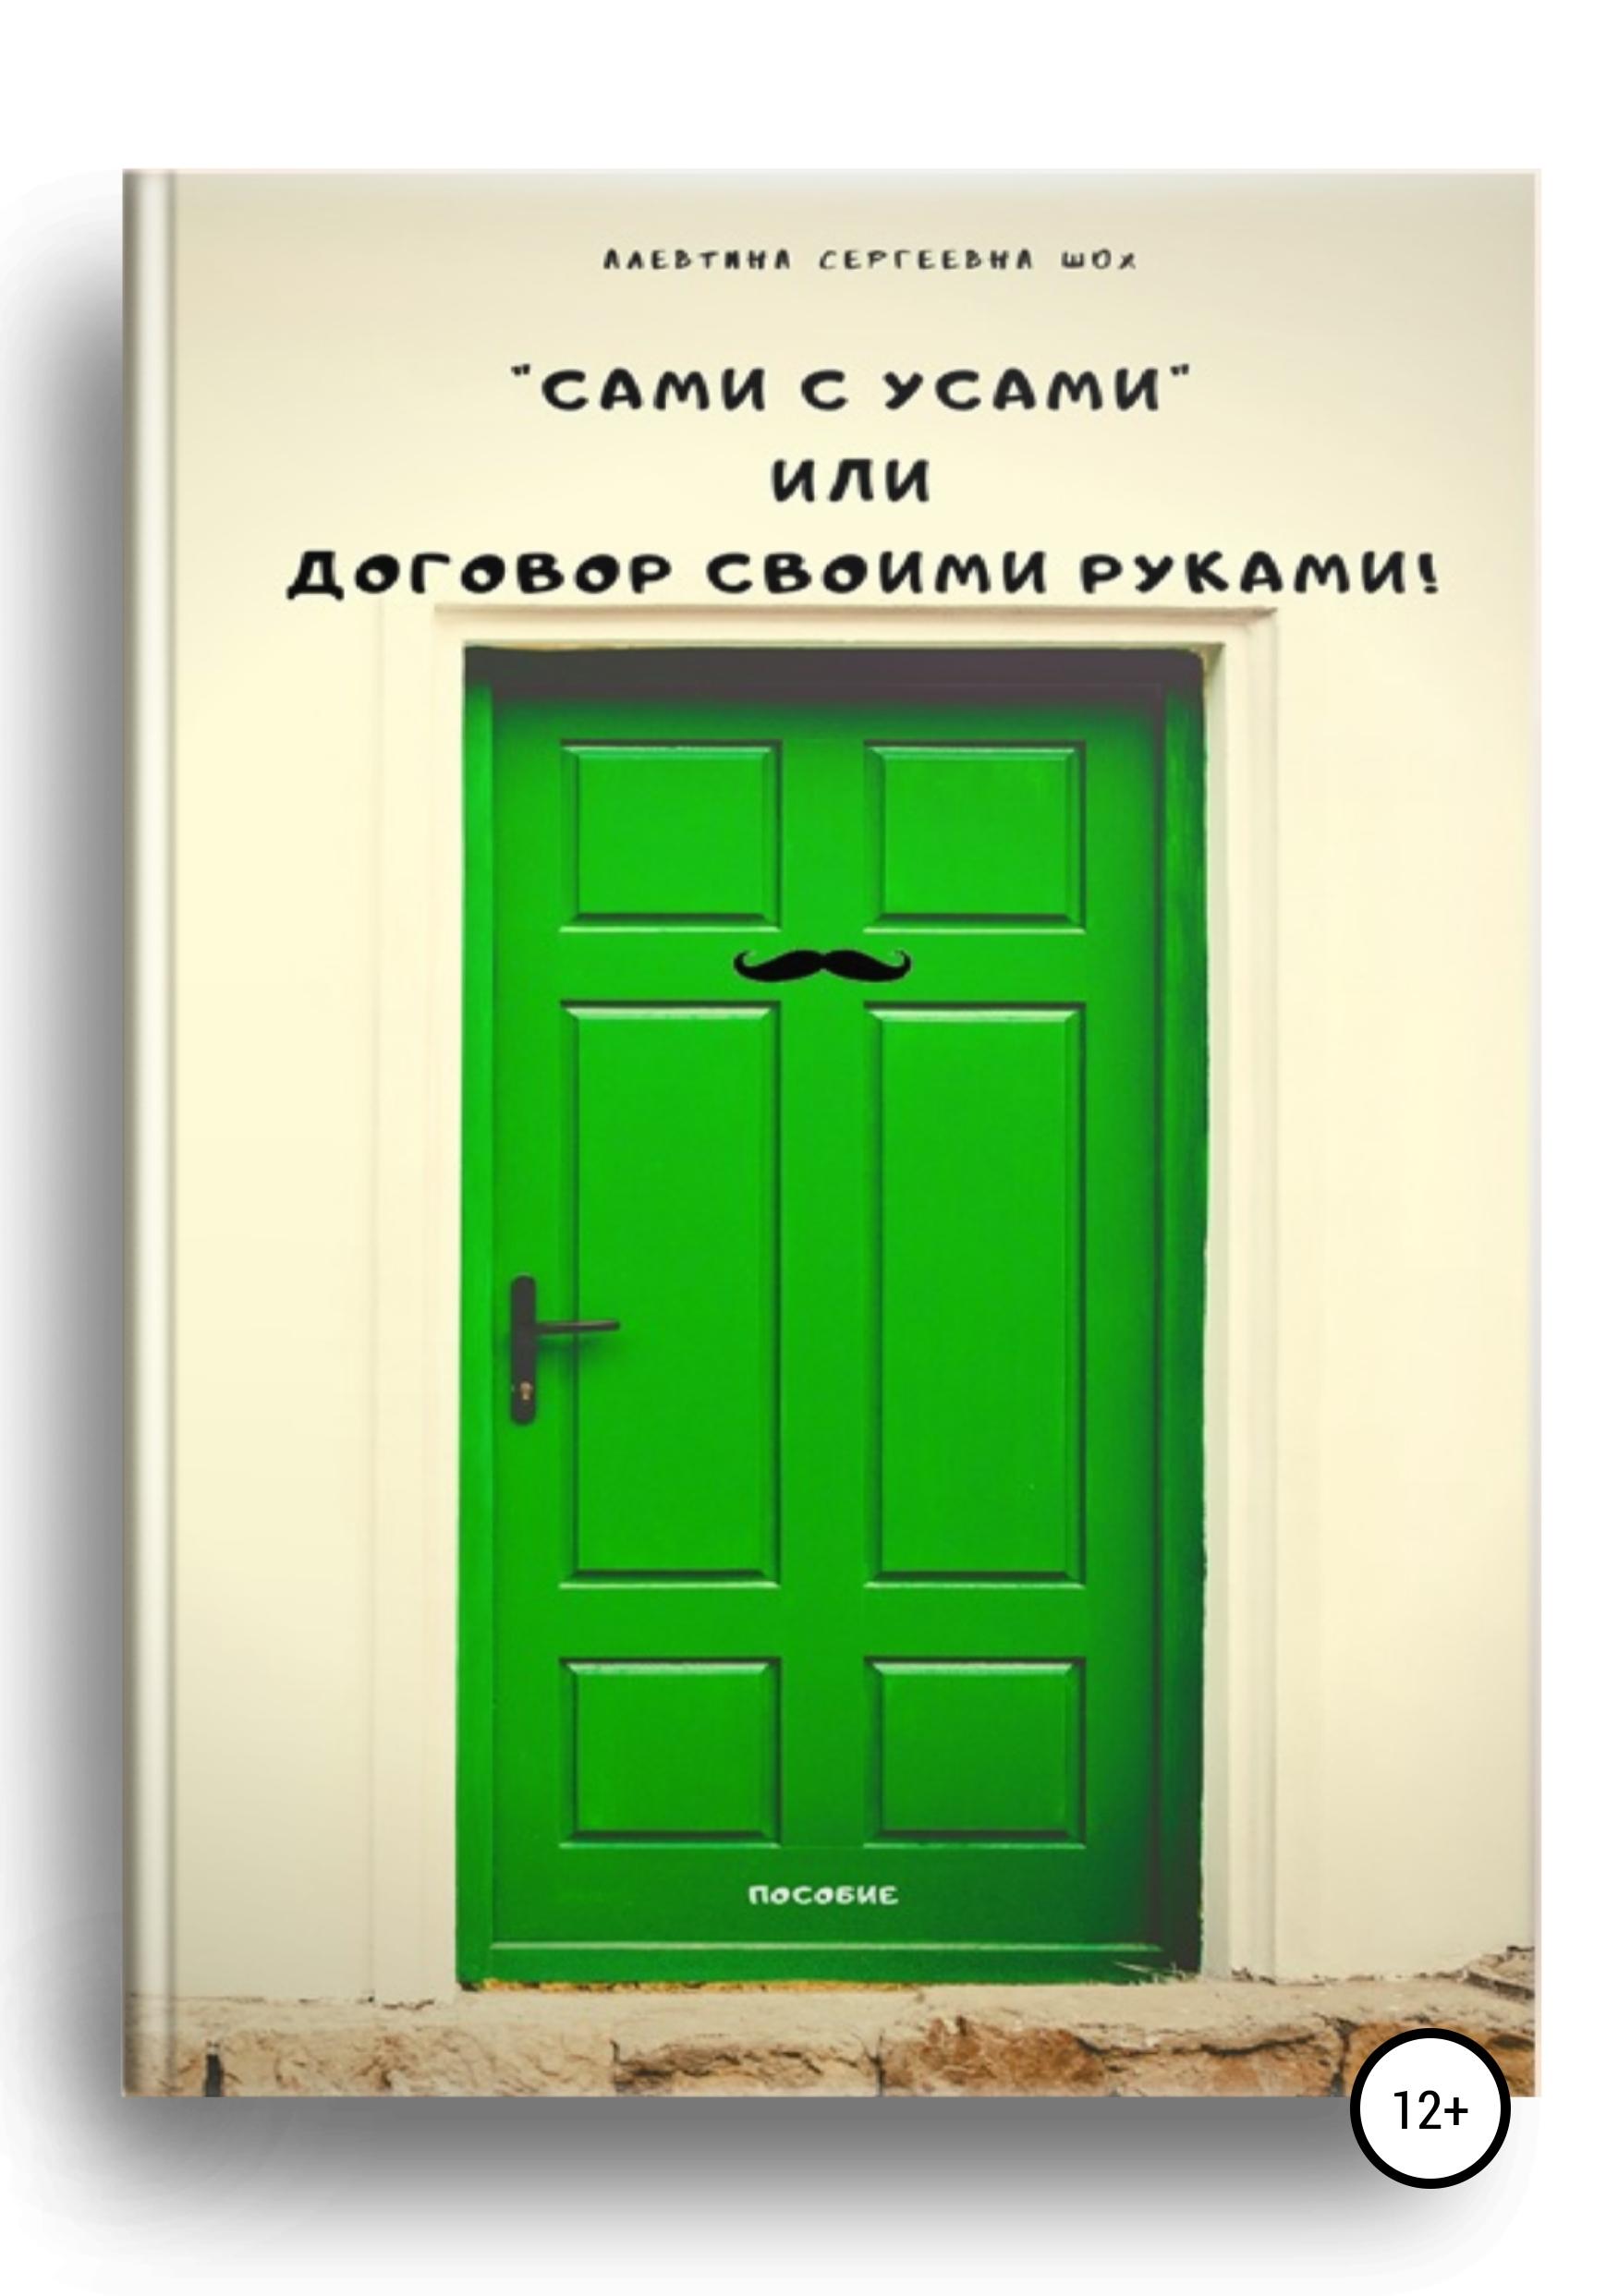 Алевтина Сергеевна Шох Пособие «Сами с усами», или Договор своими руками!